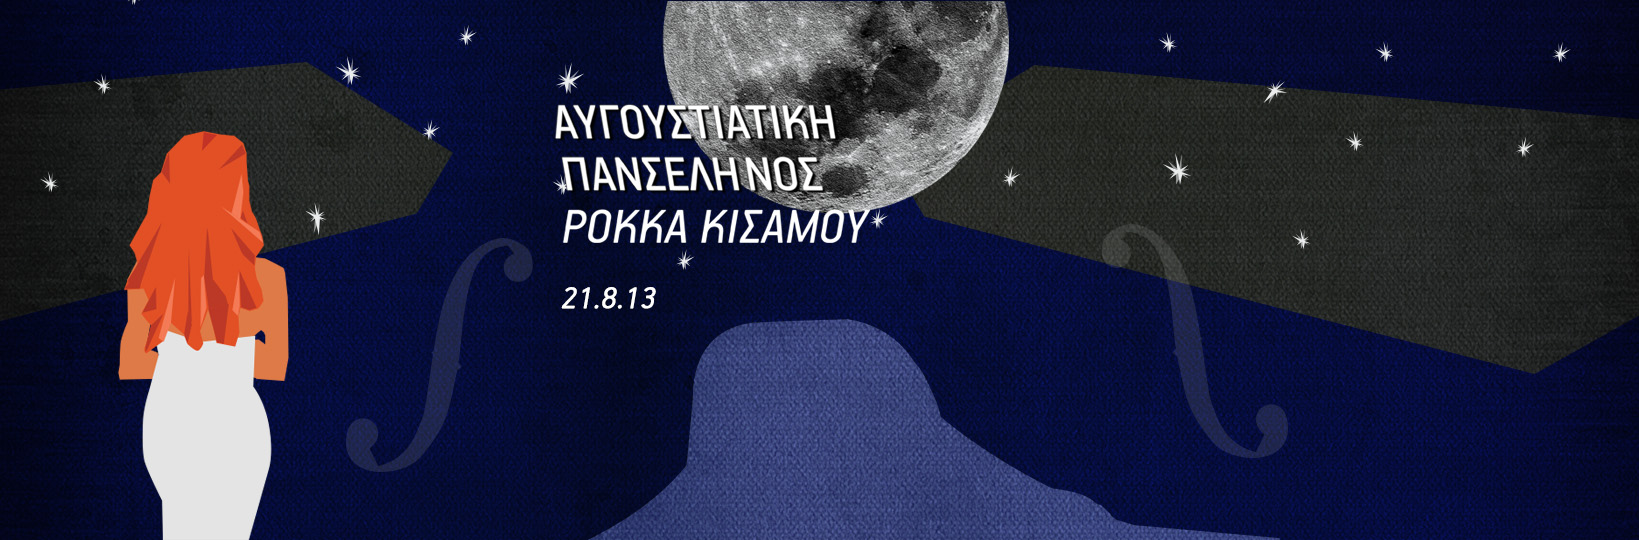 Γιορτές Ρόκκας 2013 - Κίσσαμος Χανιά